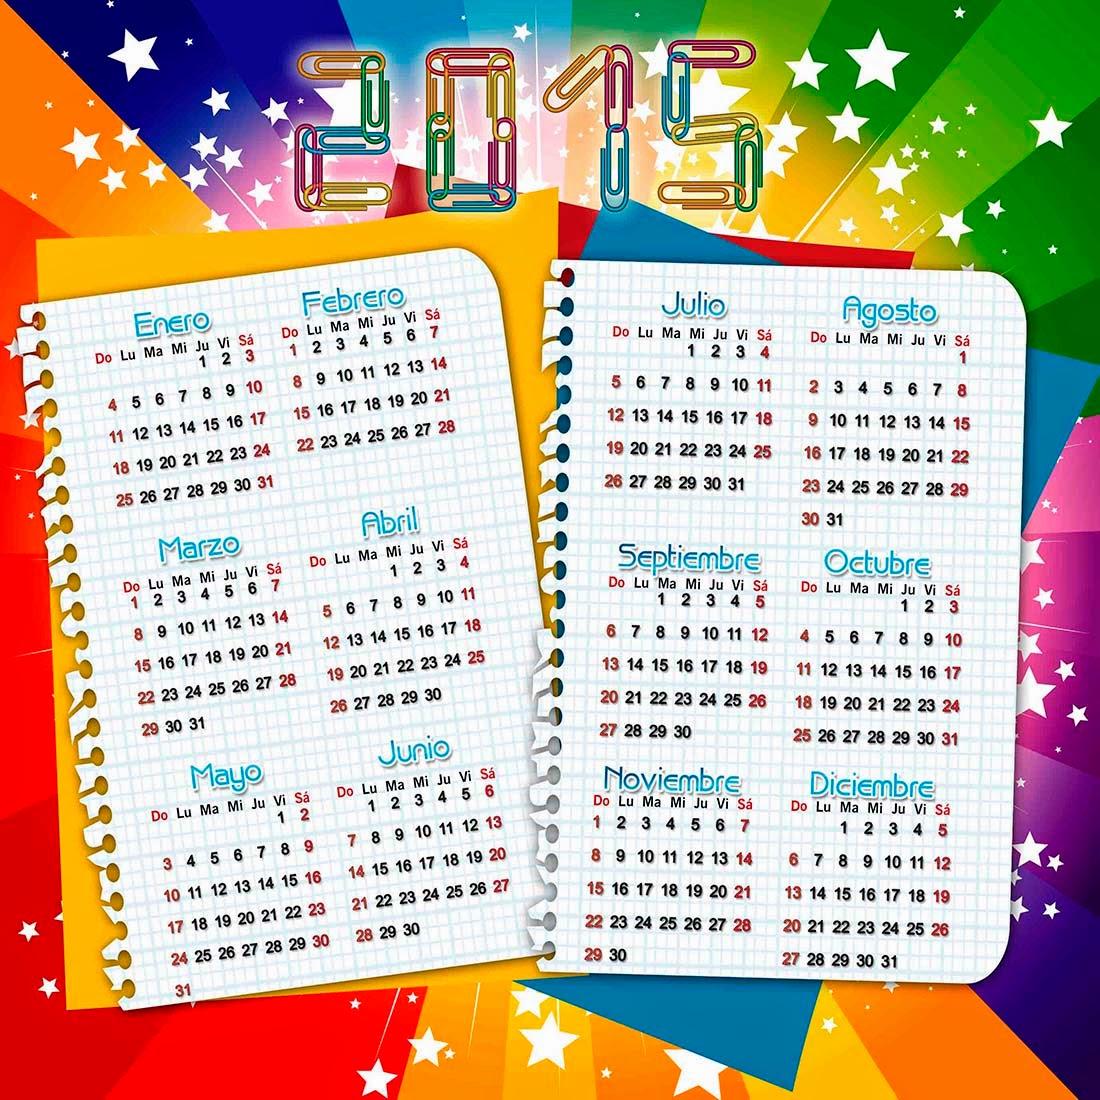 Fondo estrellado con hojas de cuaderno y calendario 2015